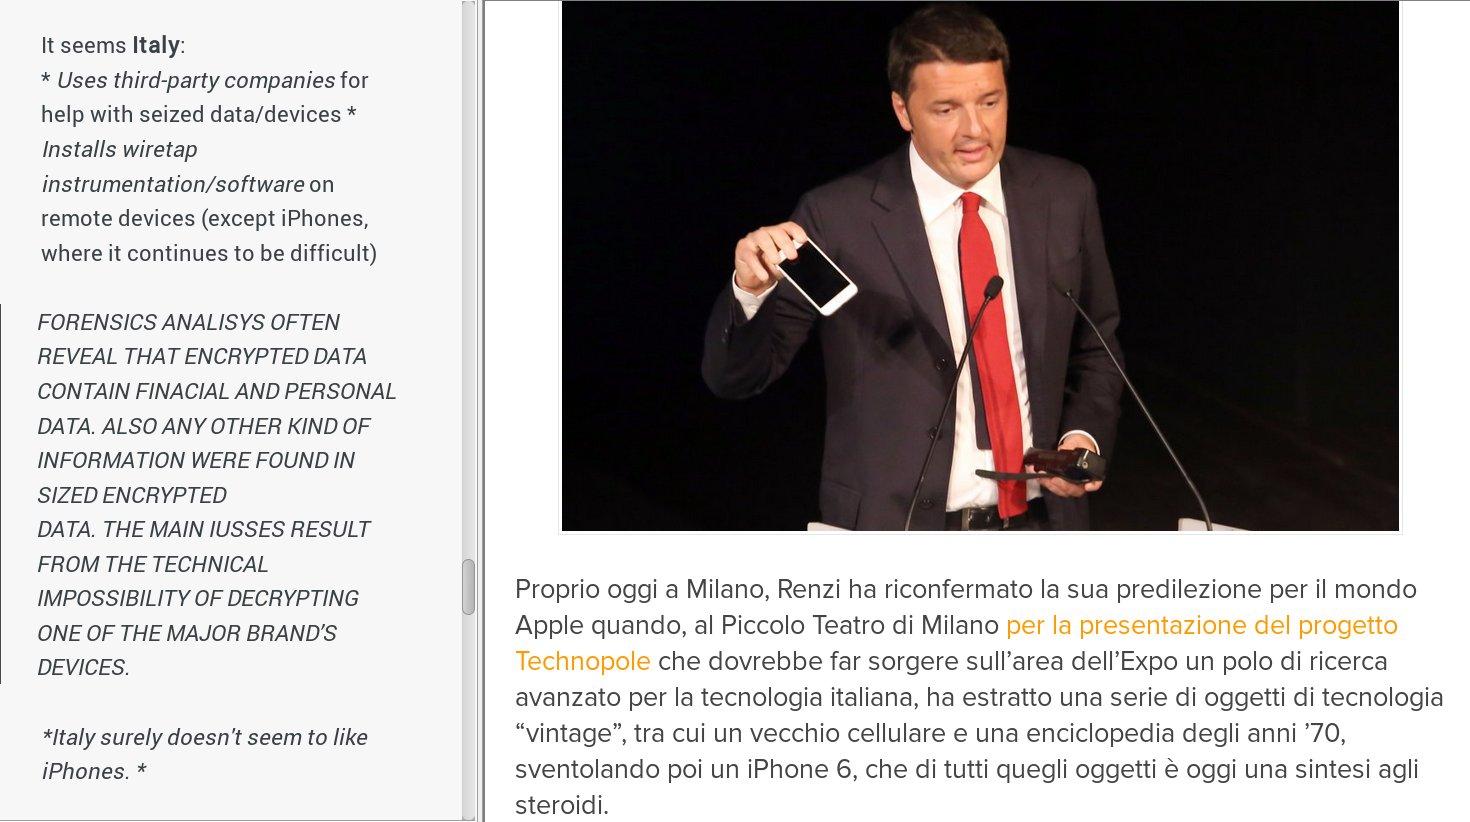 Non sappia la tua mano... che l'altra impugna un iPhone /img/italy-does-not-like-iphone-yes.jpg